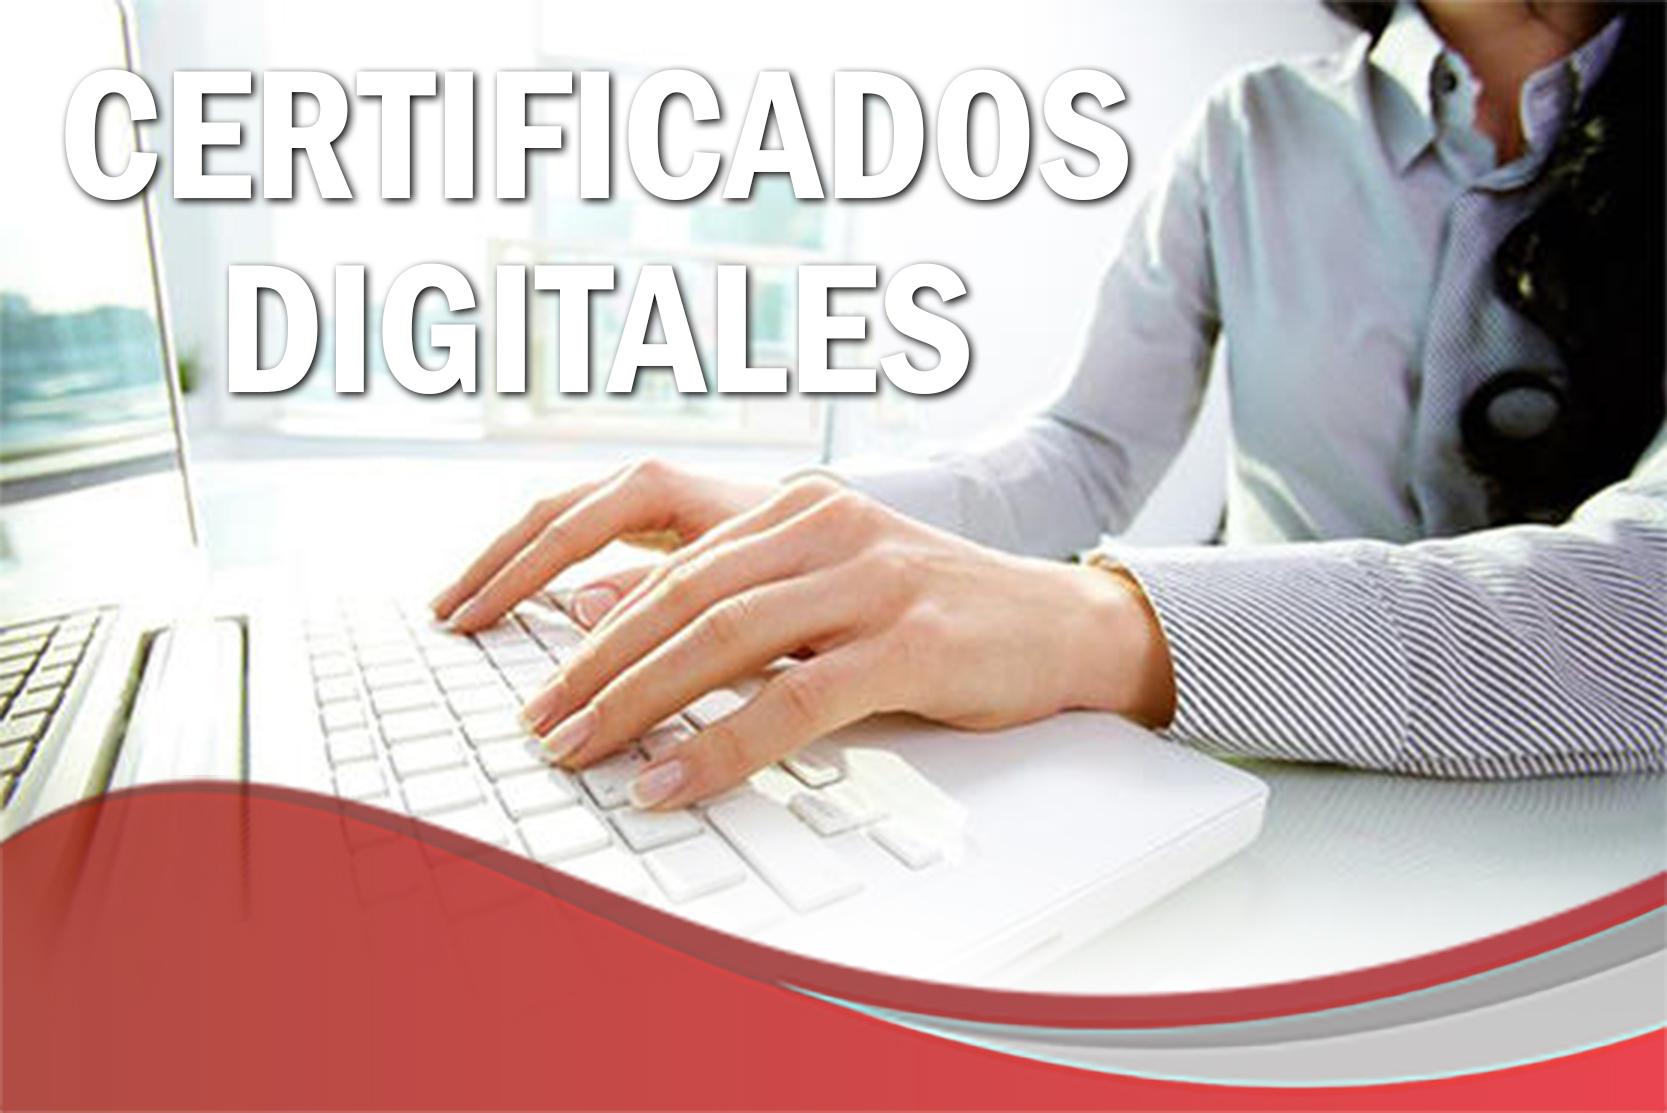 EMISIÓN DE CERTIFICADOS DIGITALES GESTIONES 2020 - 2021